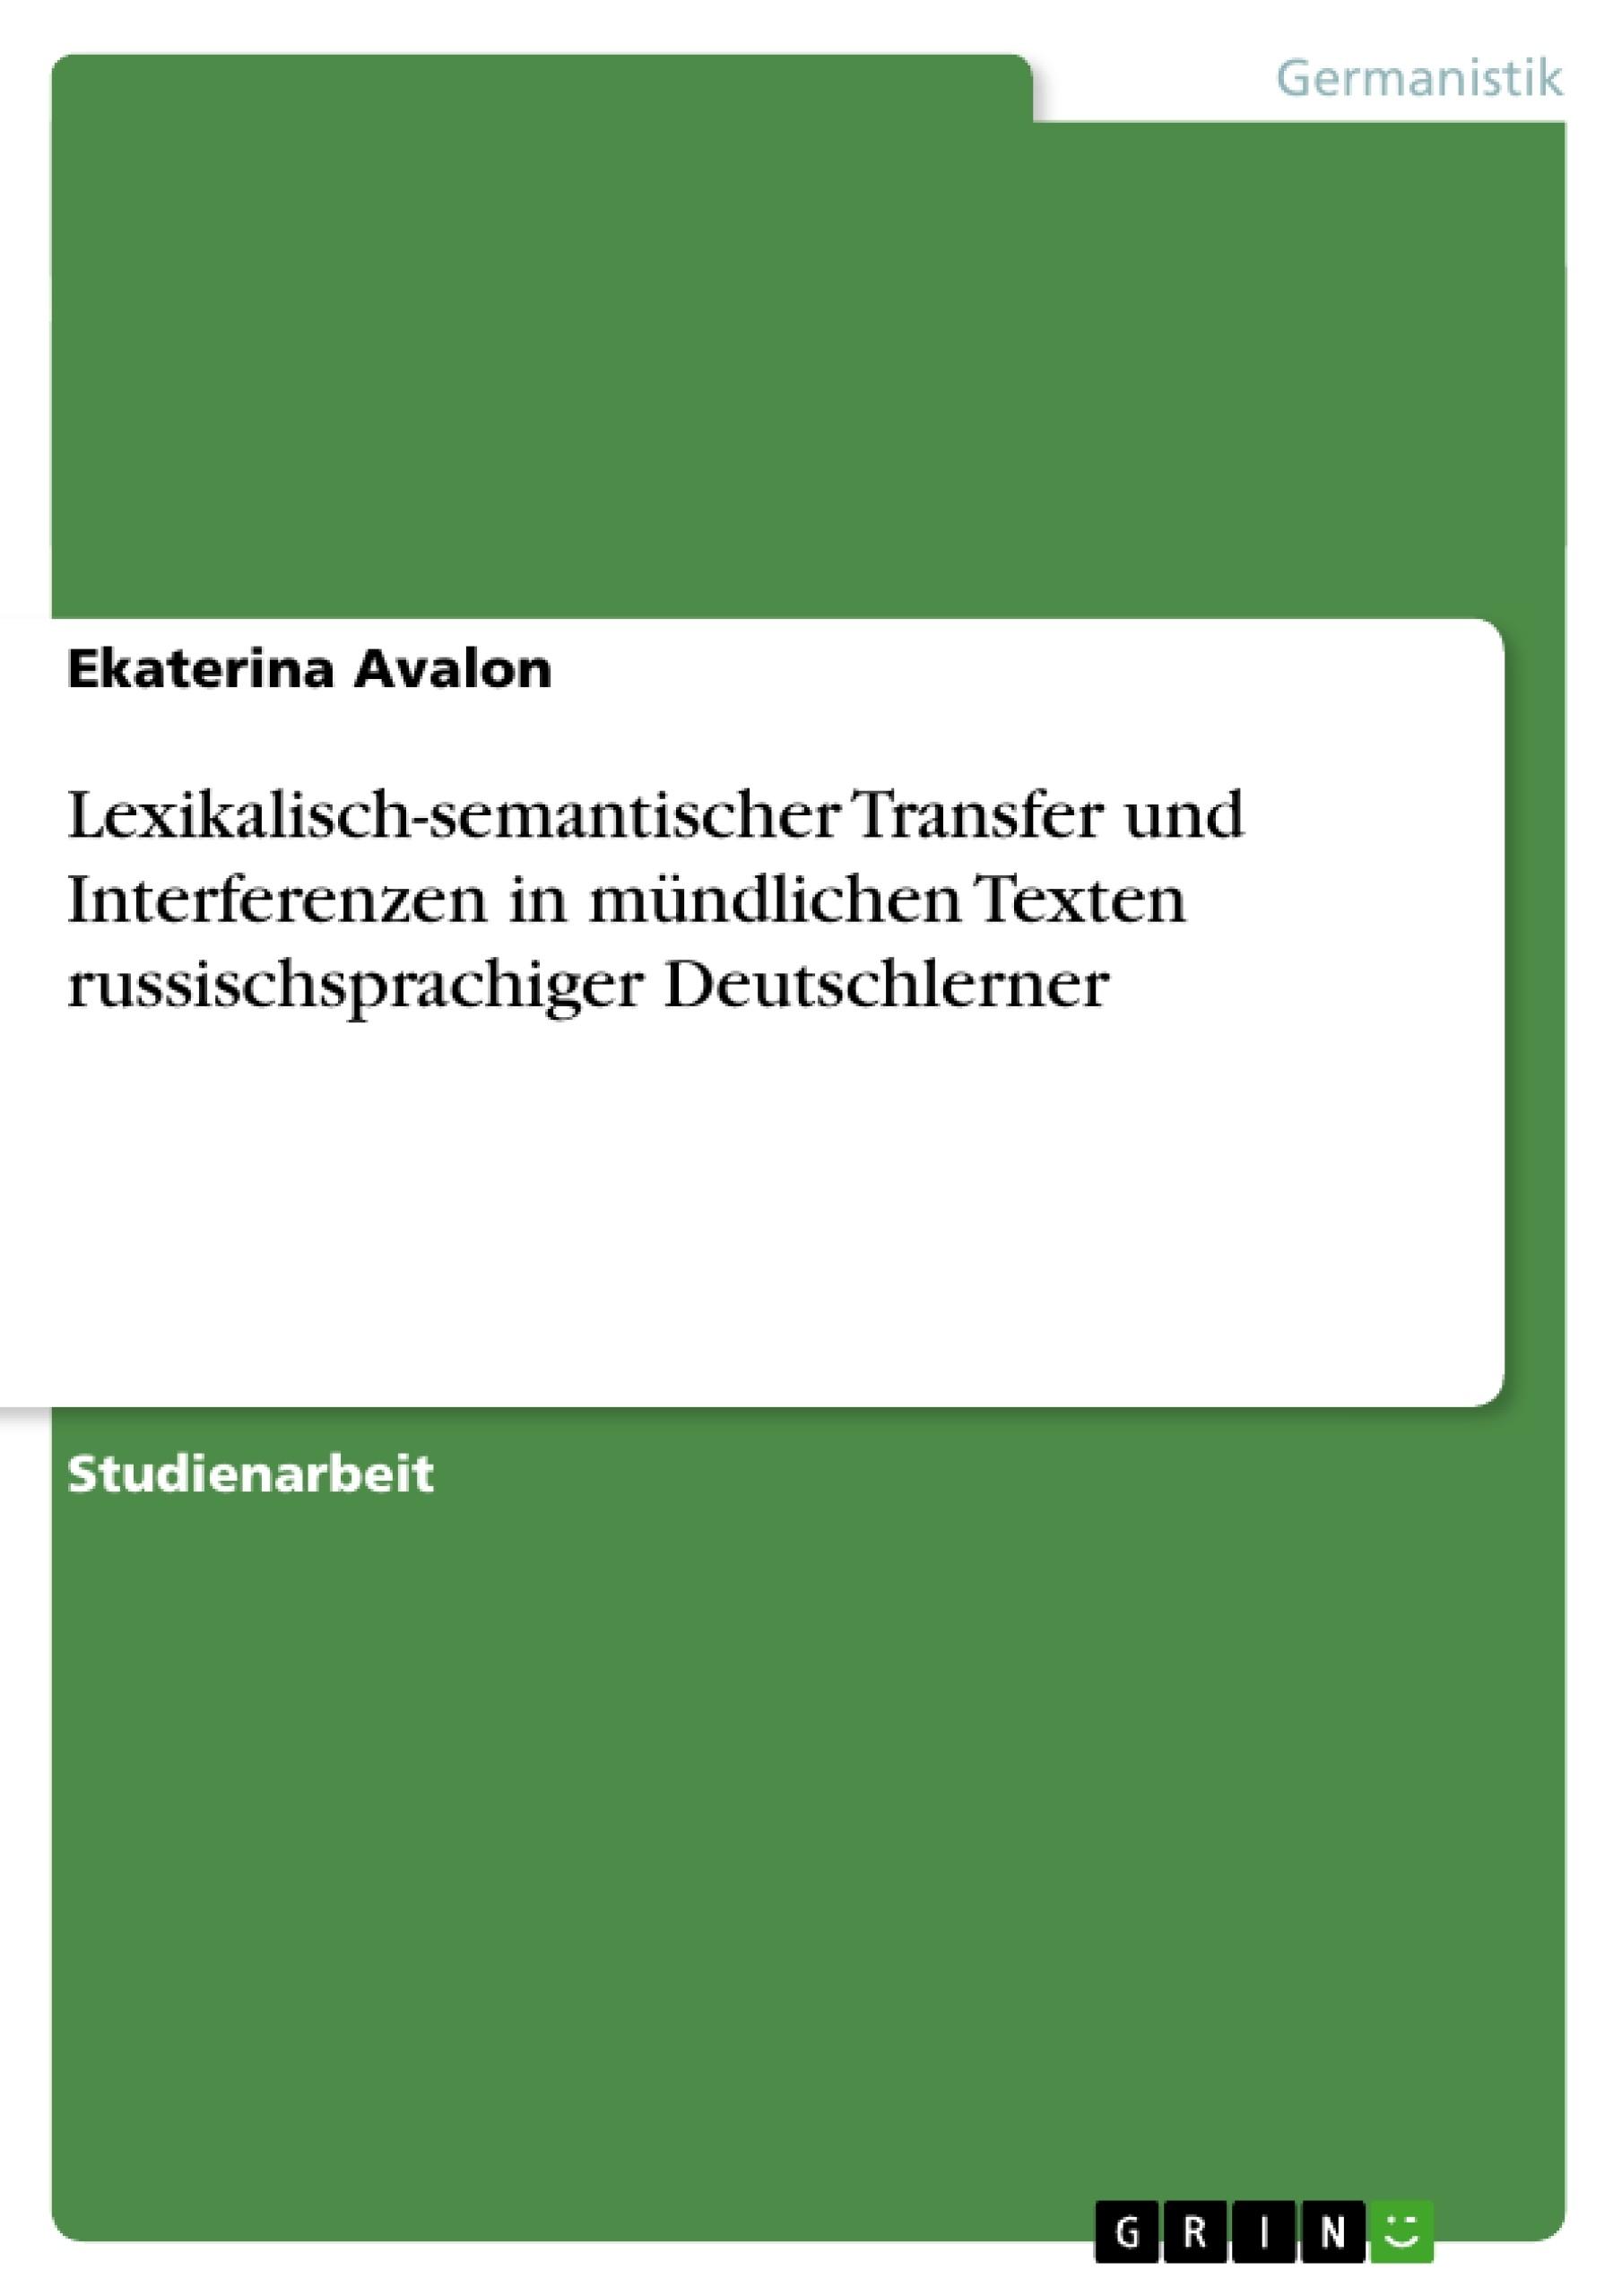 Titel: Lexikalisch-semantischer Transfer und Interferenzen in mündlichen Texten russischsprachiger Deutschlerner